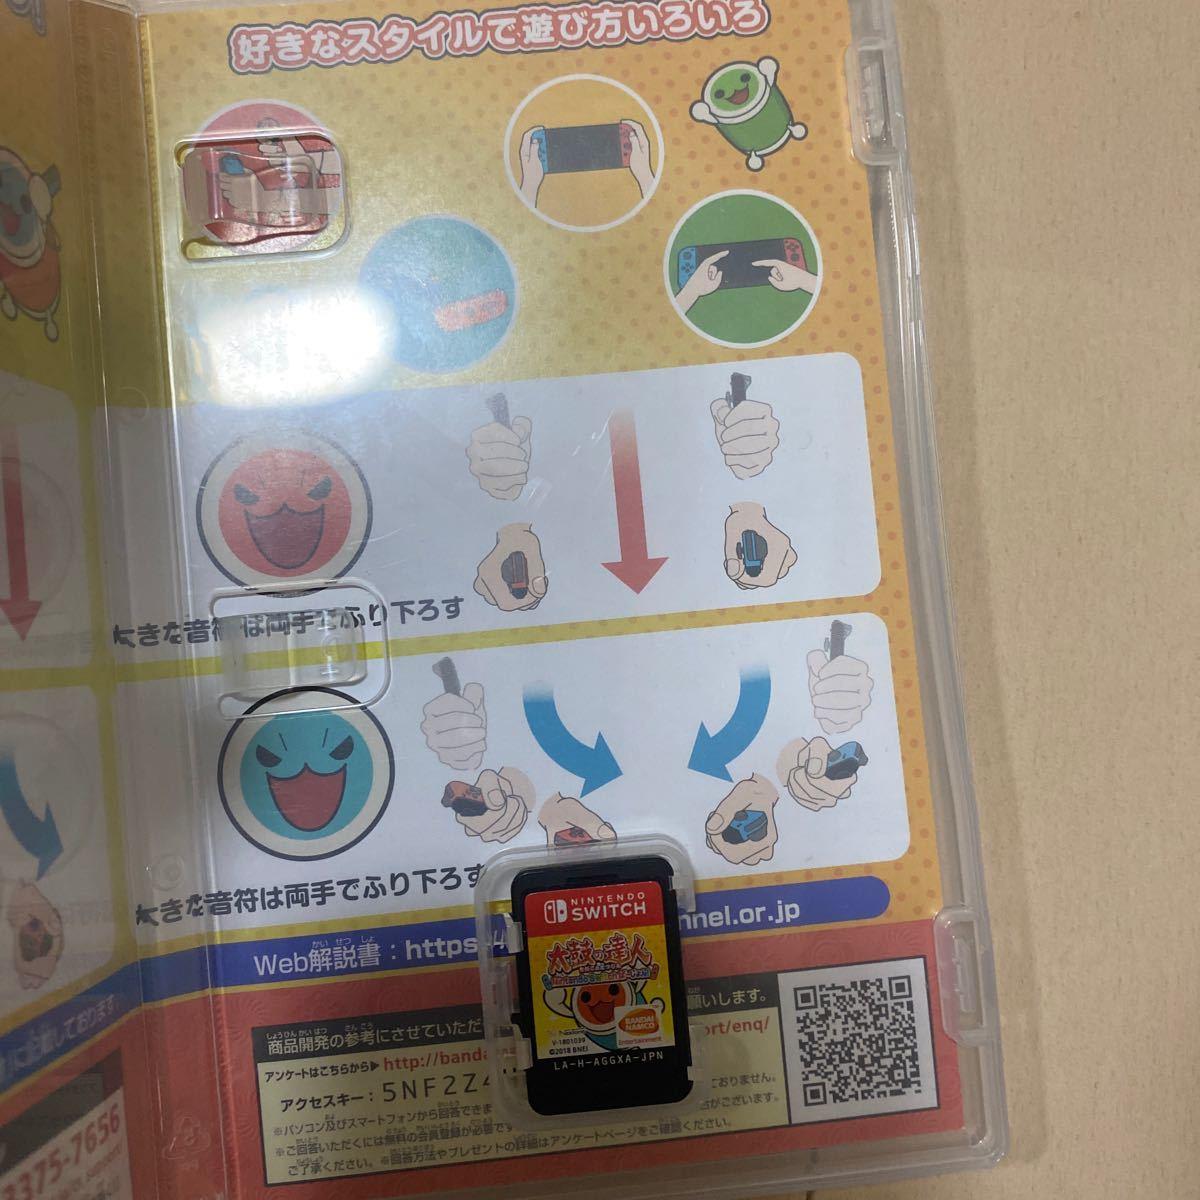 【Switch】 太鼓の達人 Nintendo Switch